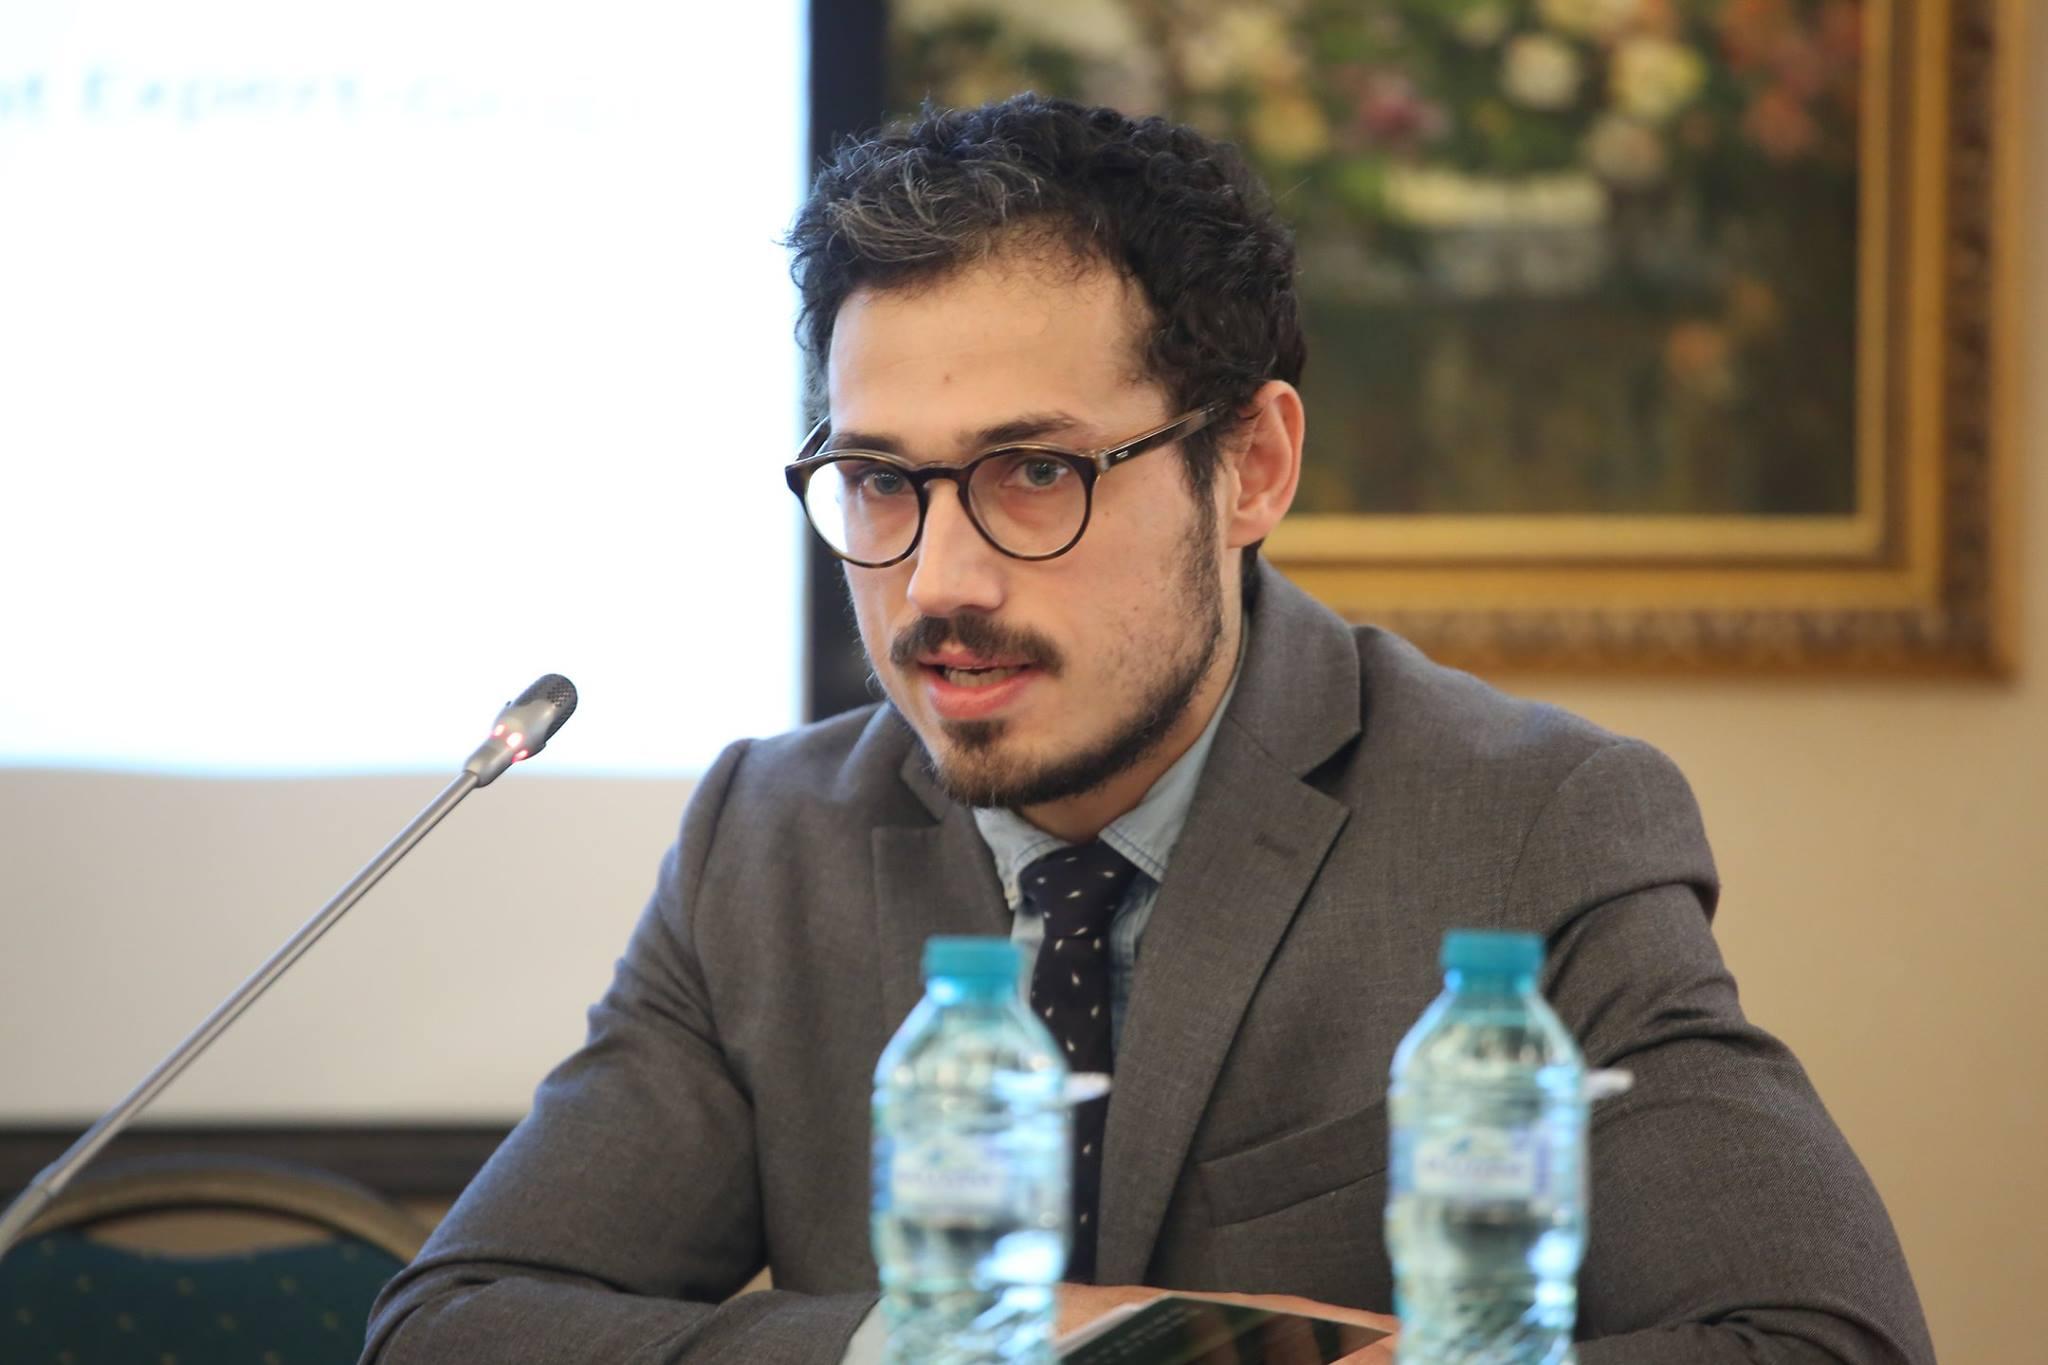 Politolog: În sfârșit, deși indirect, UE face comentarii vizavi de corupția politică din Parlament